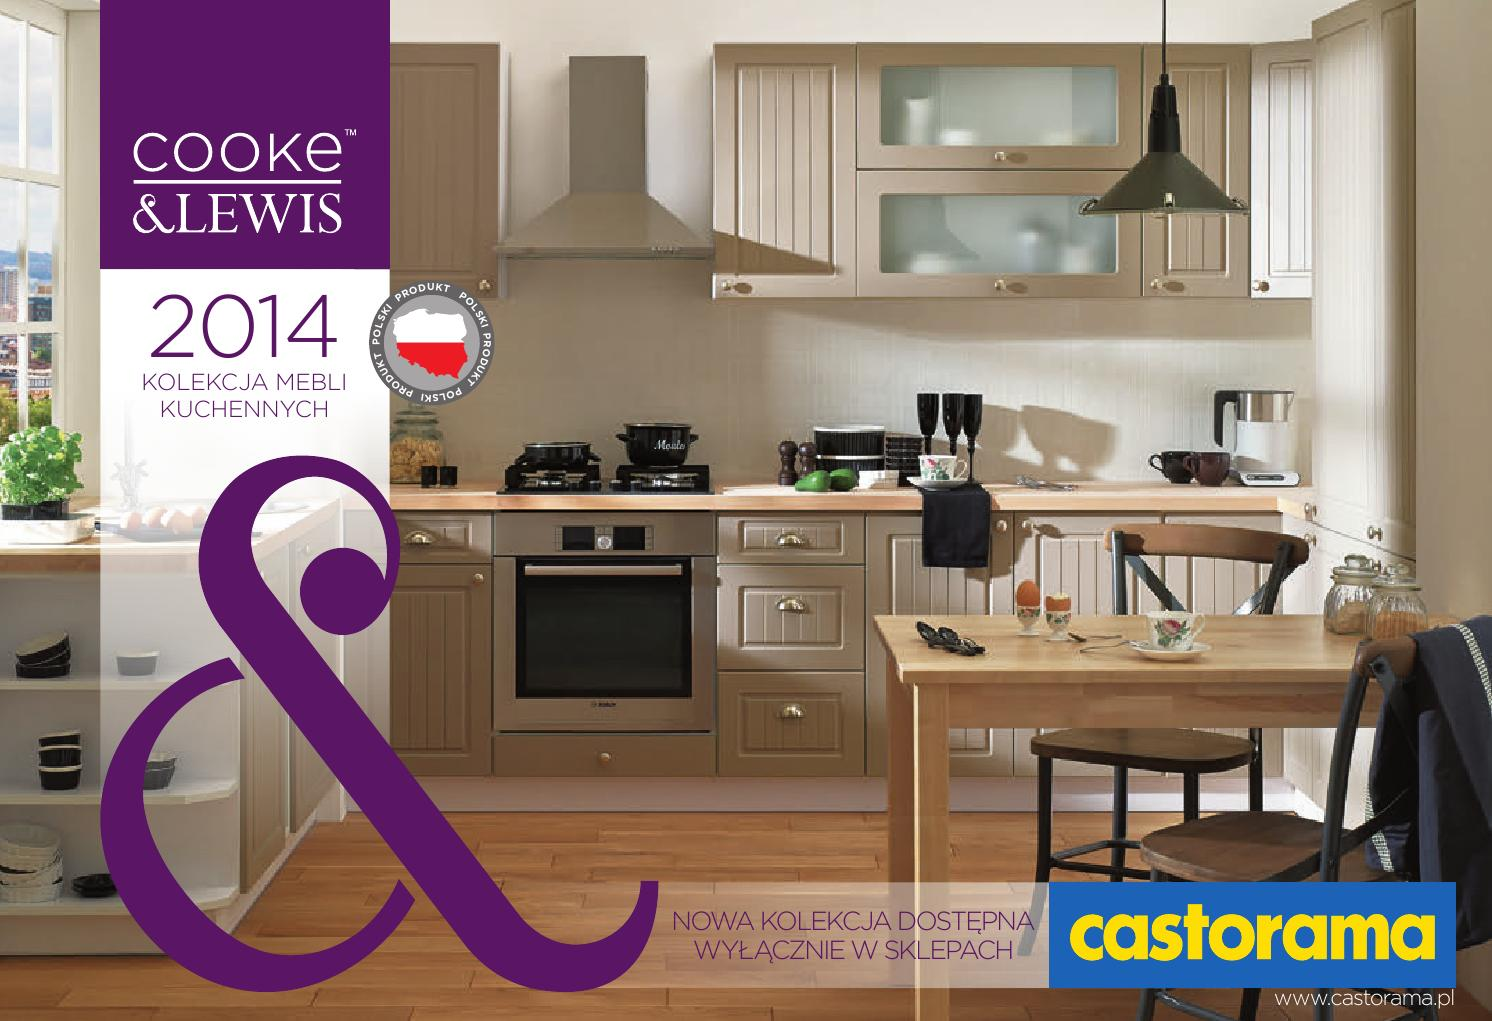 Castorama Kolekcja Mebli Kuchenych 2014 by Gazetki  issuu -> Castorama Kuchnia Unik Czarny